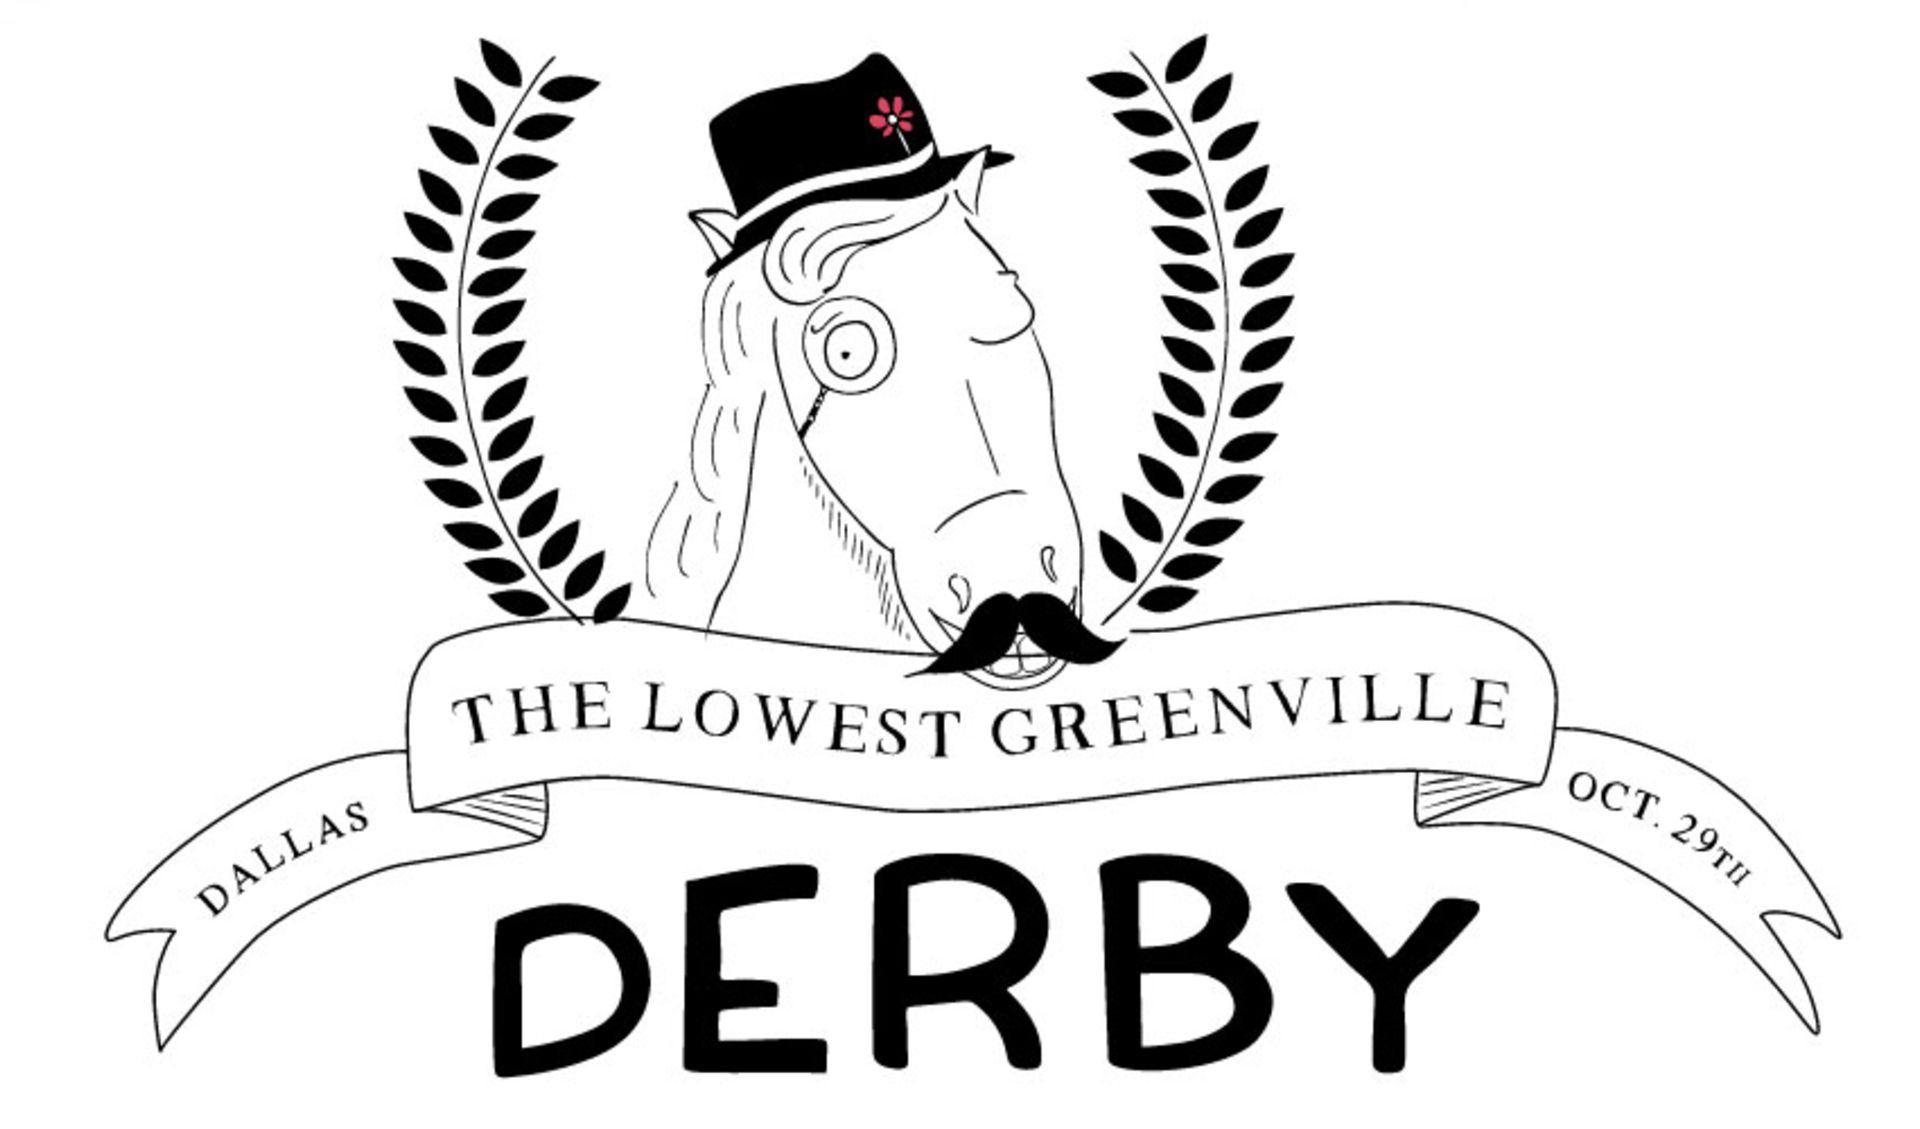 Lowest Greenville Derby